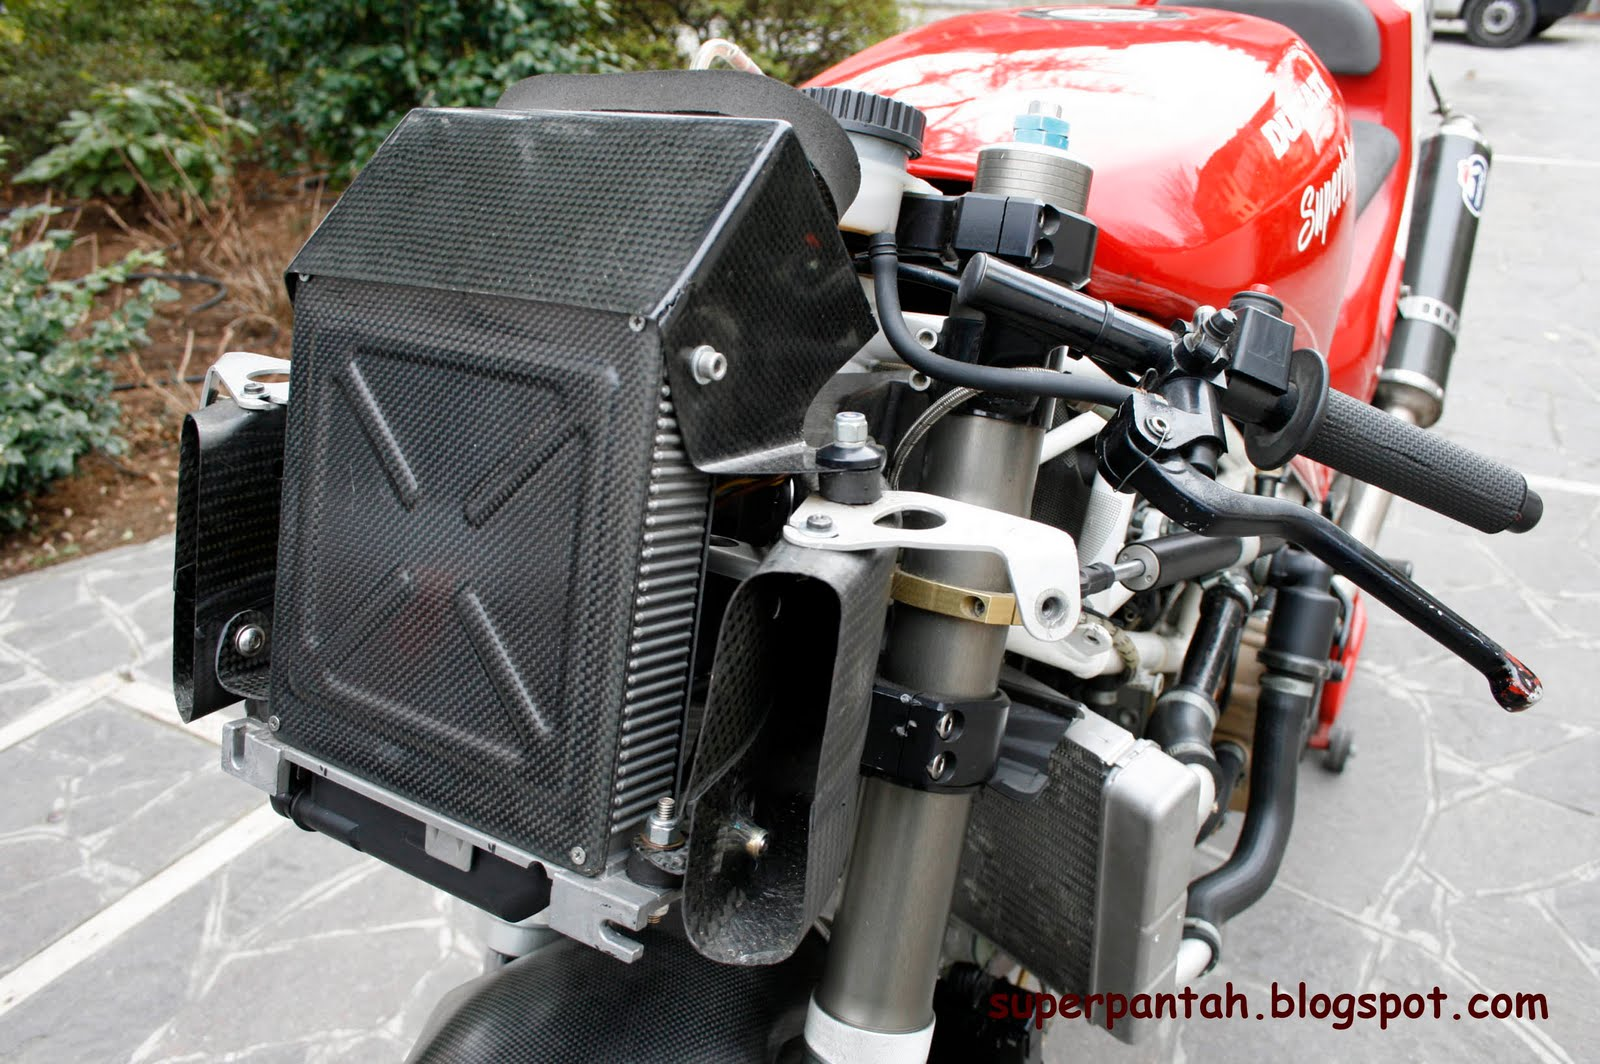 Ducati 851-888 - Page 2 888%2BRacing%2B%25286%2529